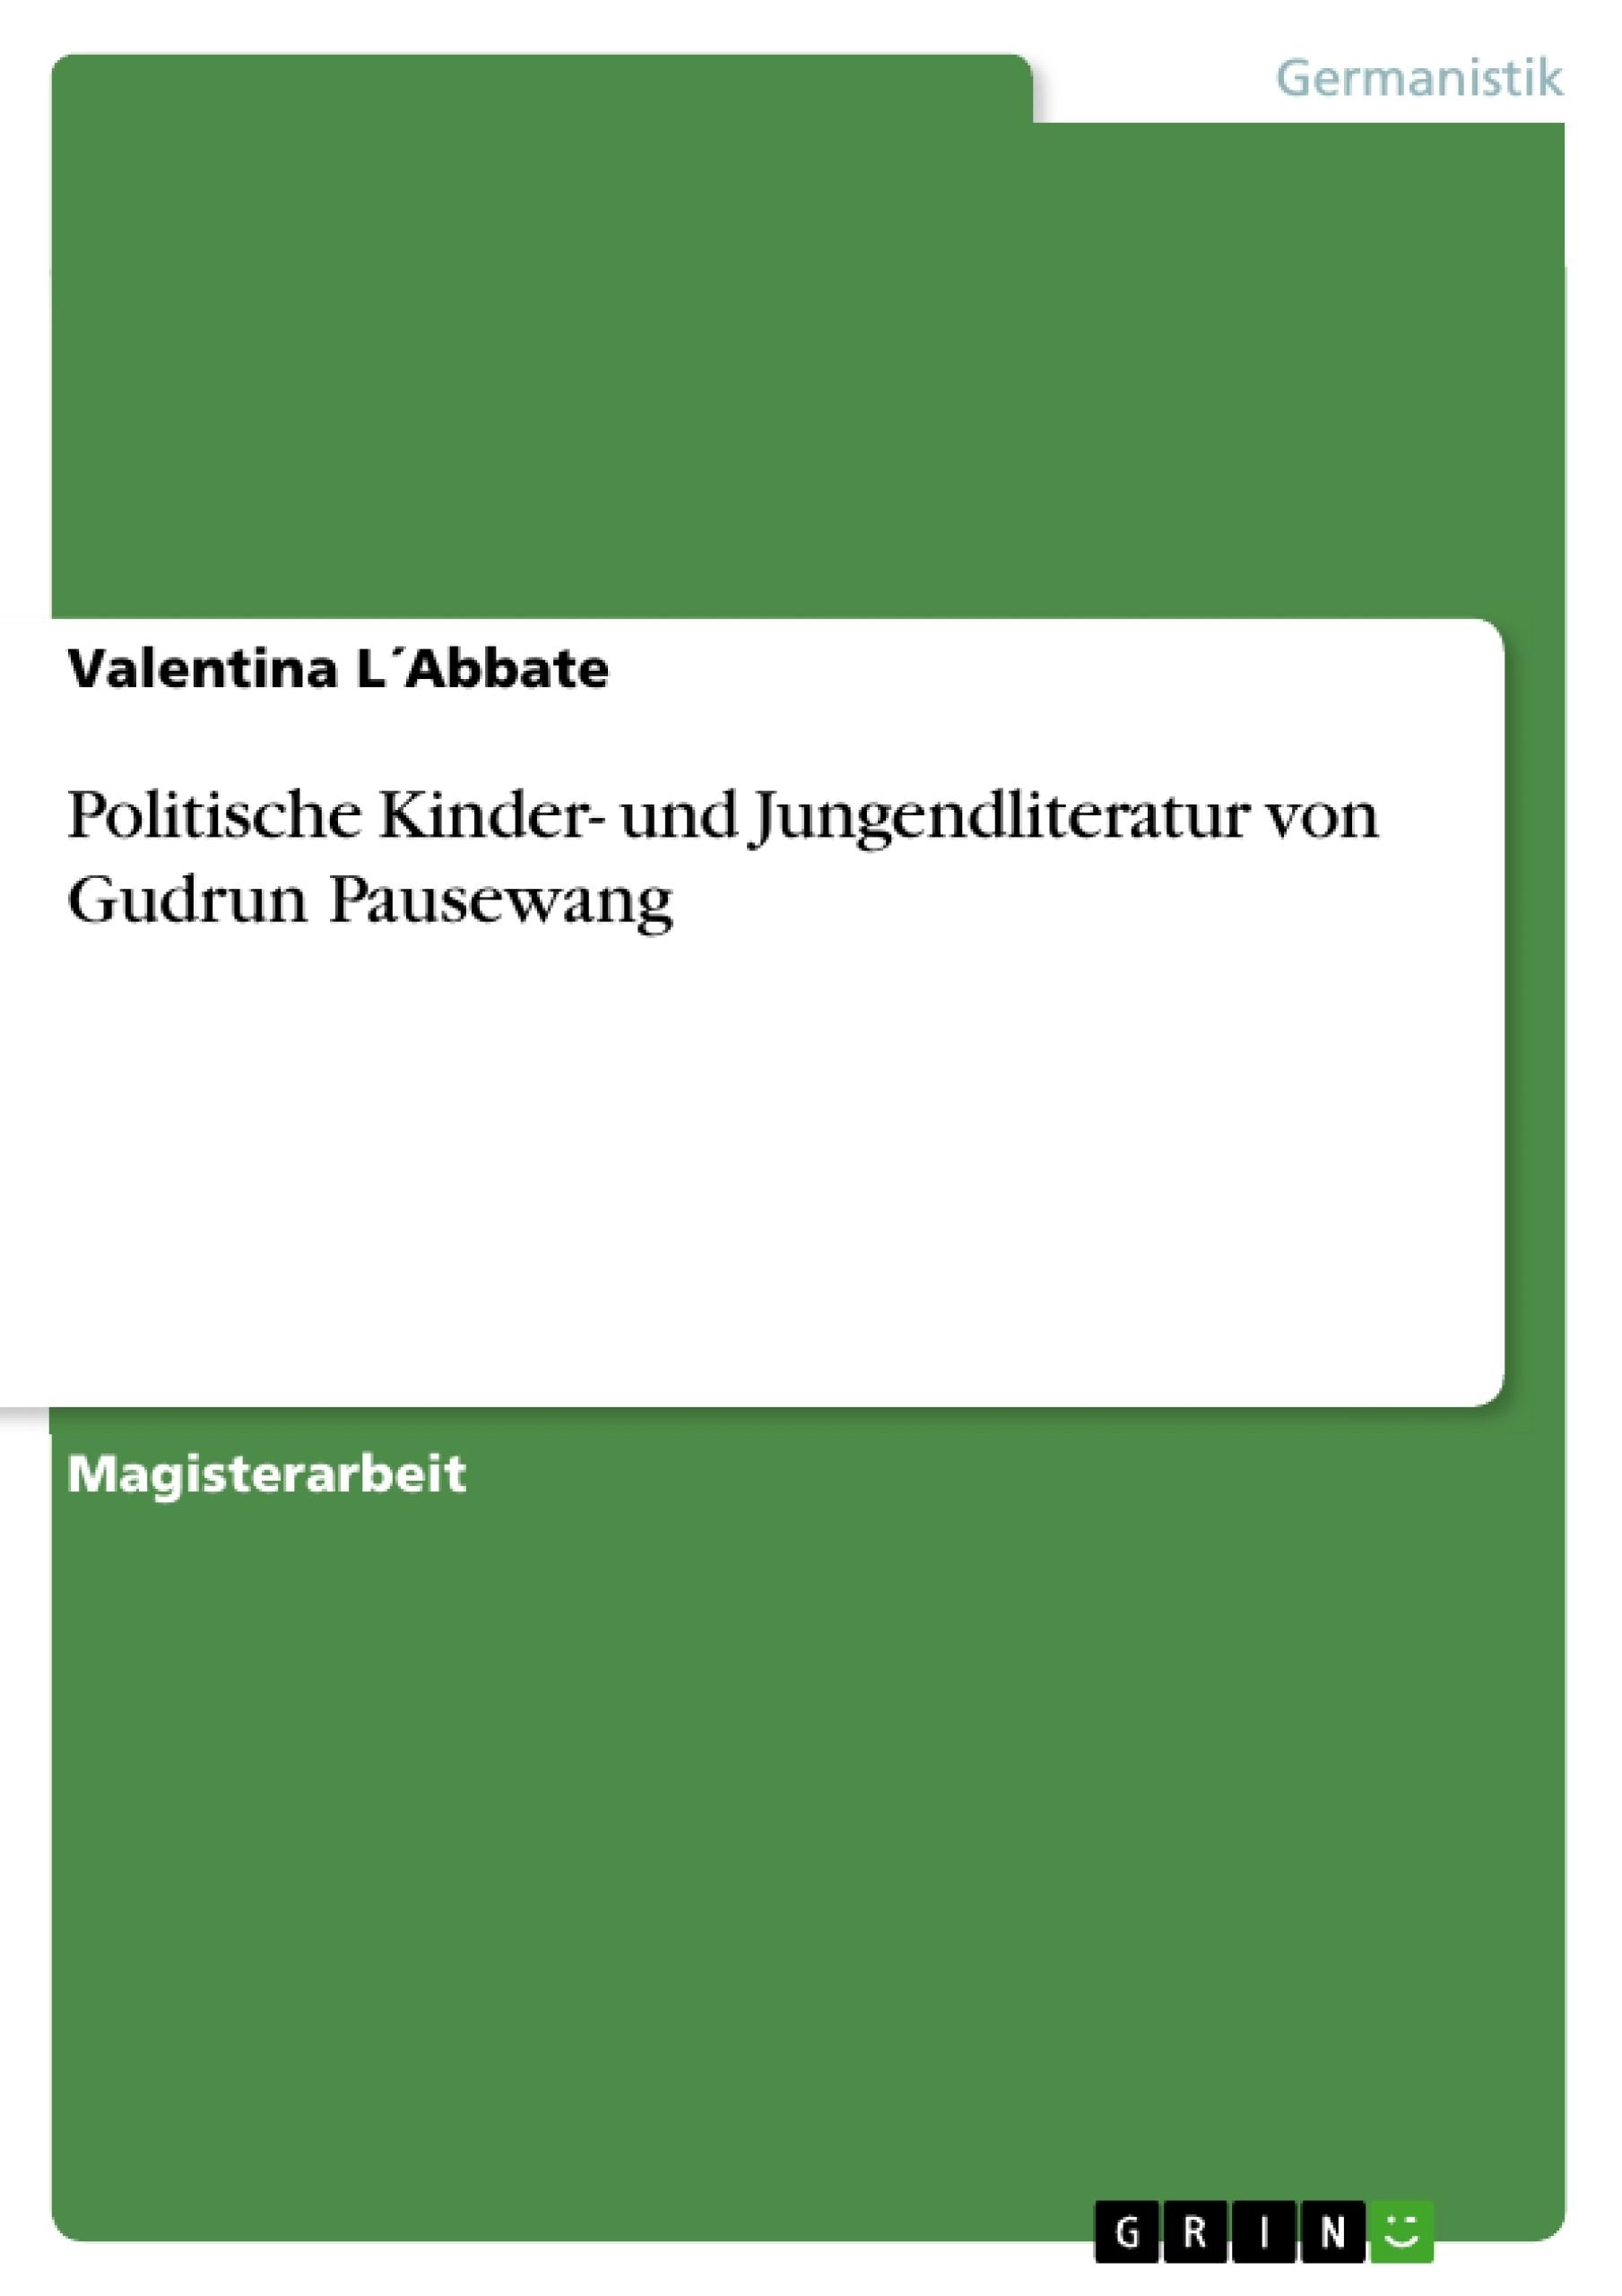 Titel: Politische Kinder- und Jungendliteratur von Gudrun Pausewang